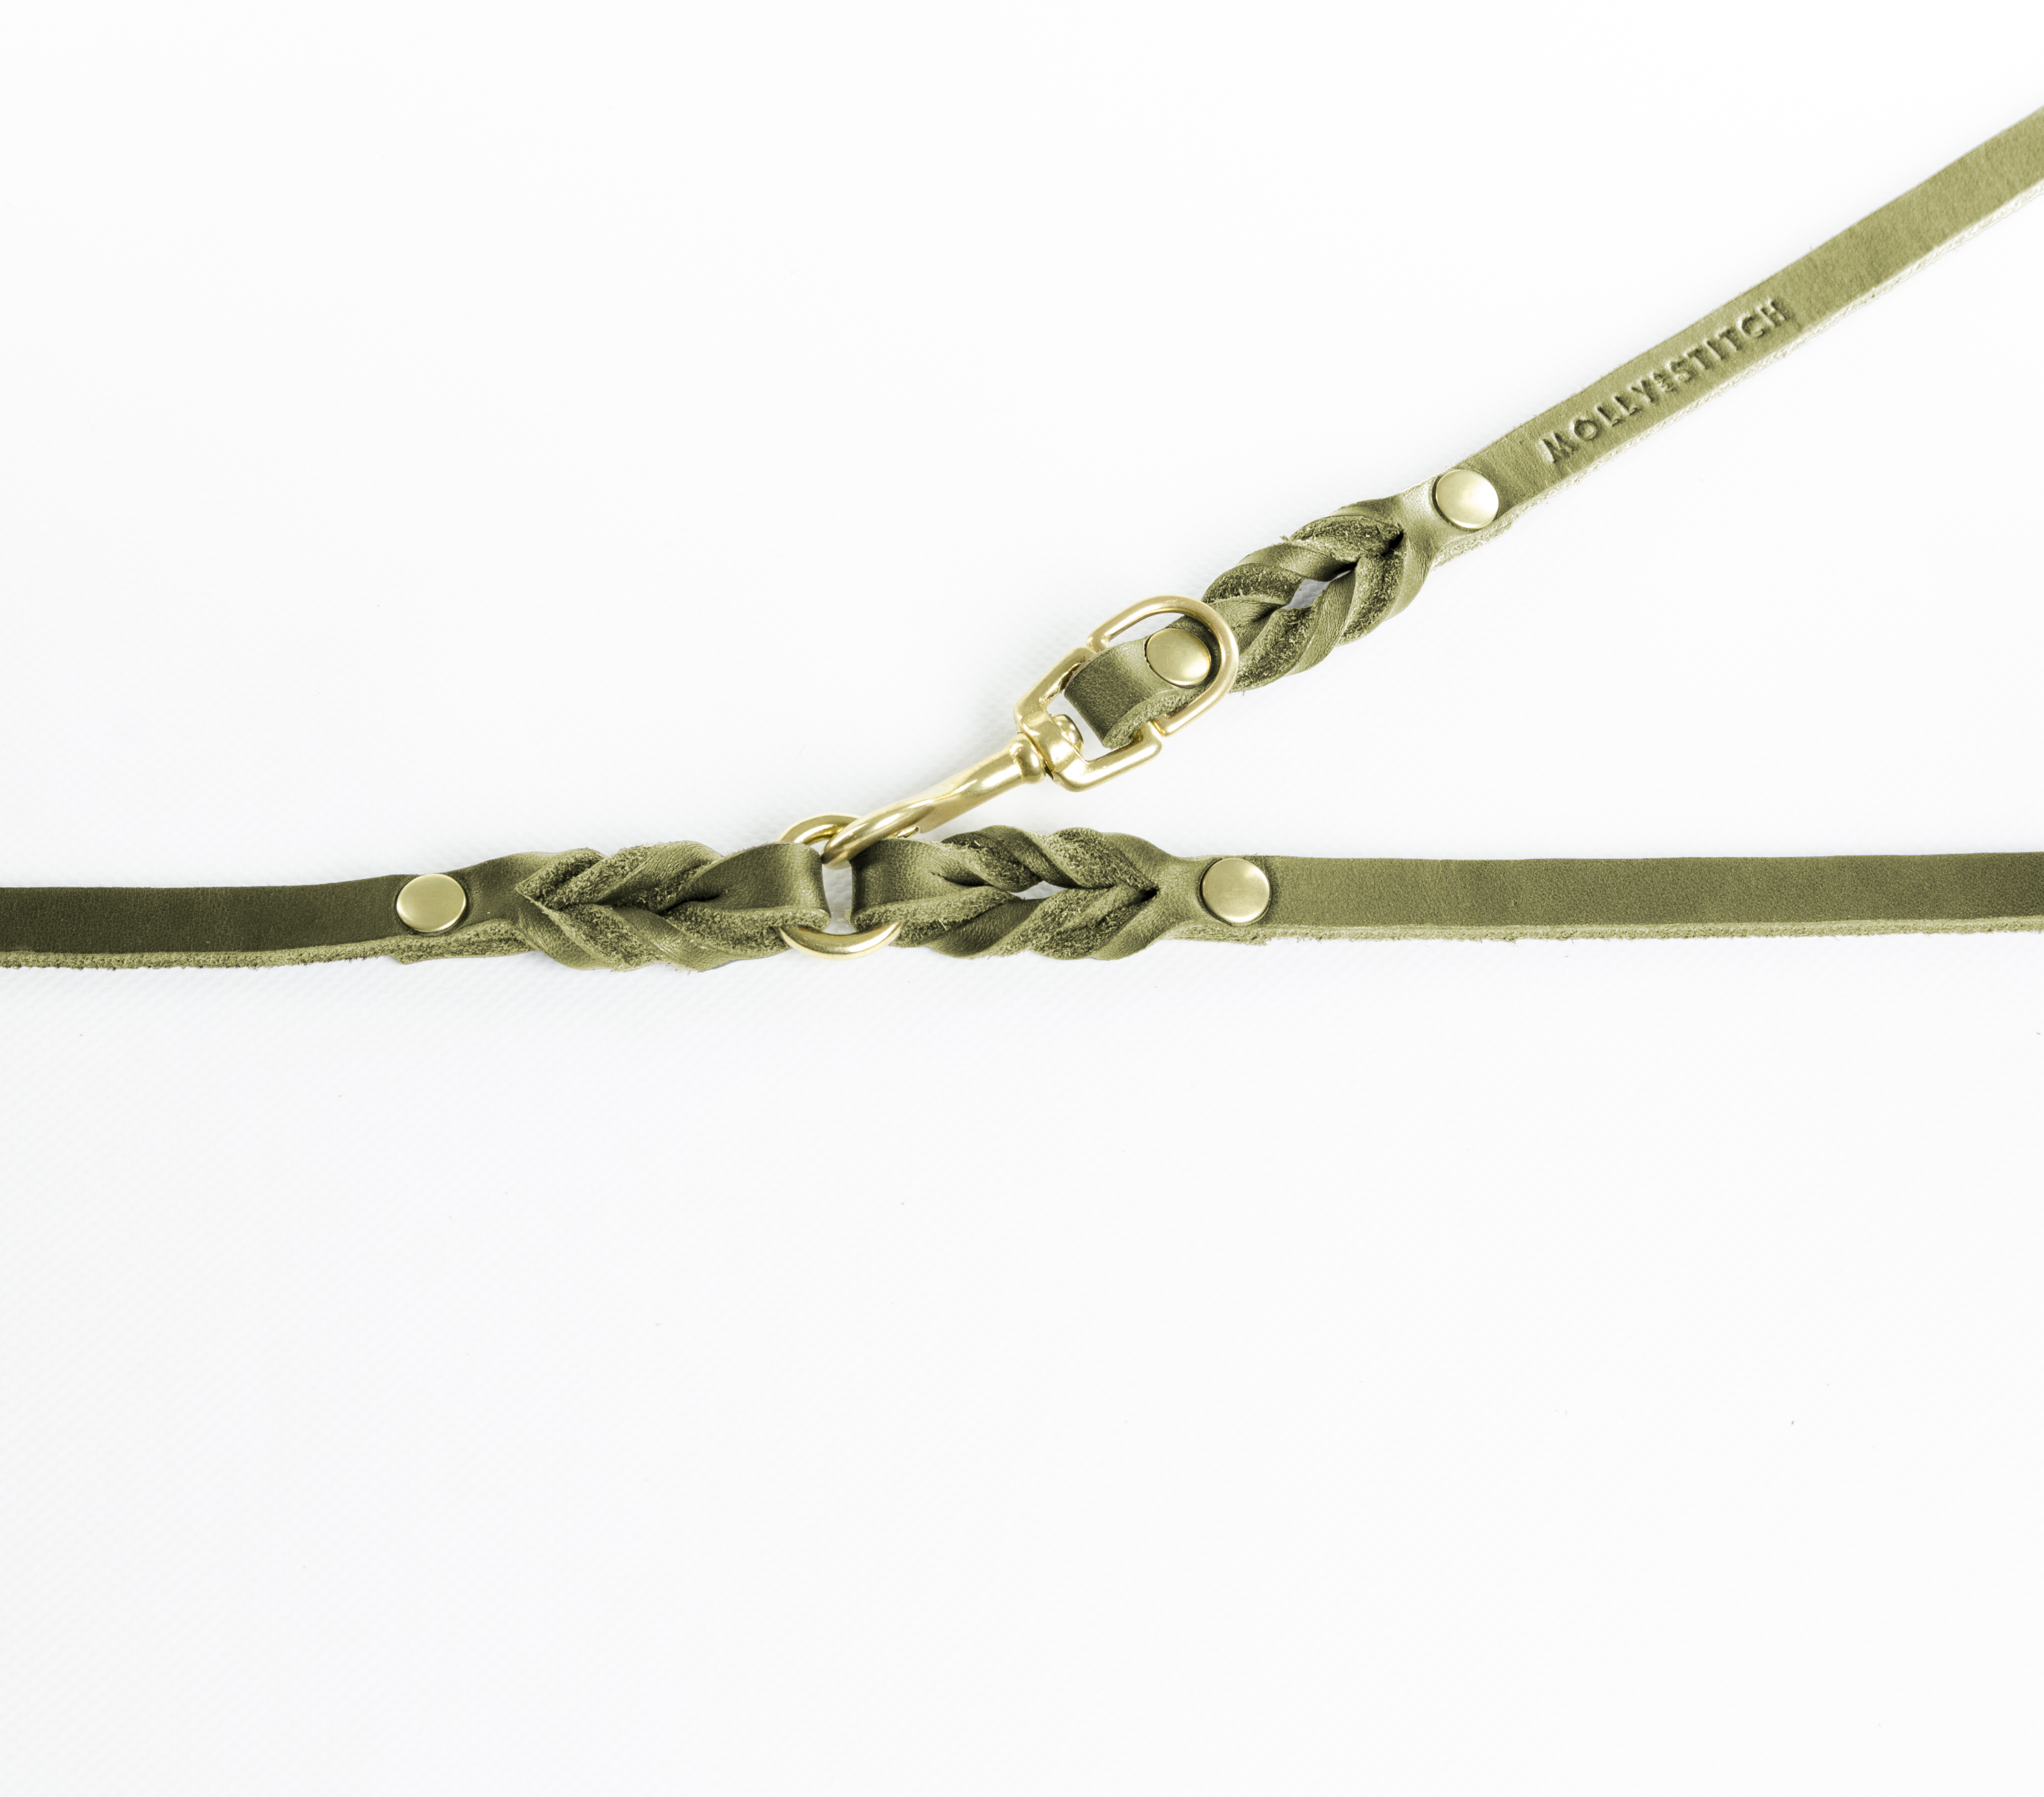 Hundeleine butter-3x-adjustable-gold-dog-leash-olive-tree-green (2)